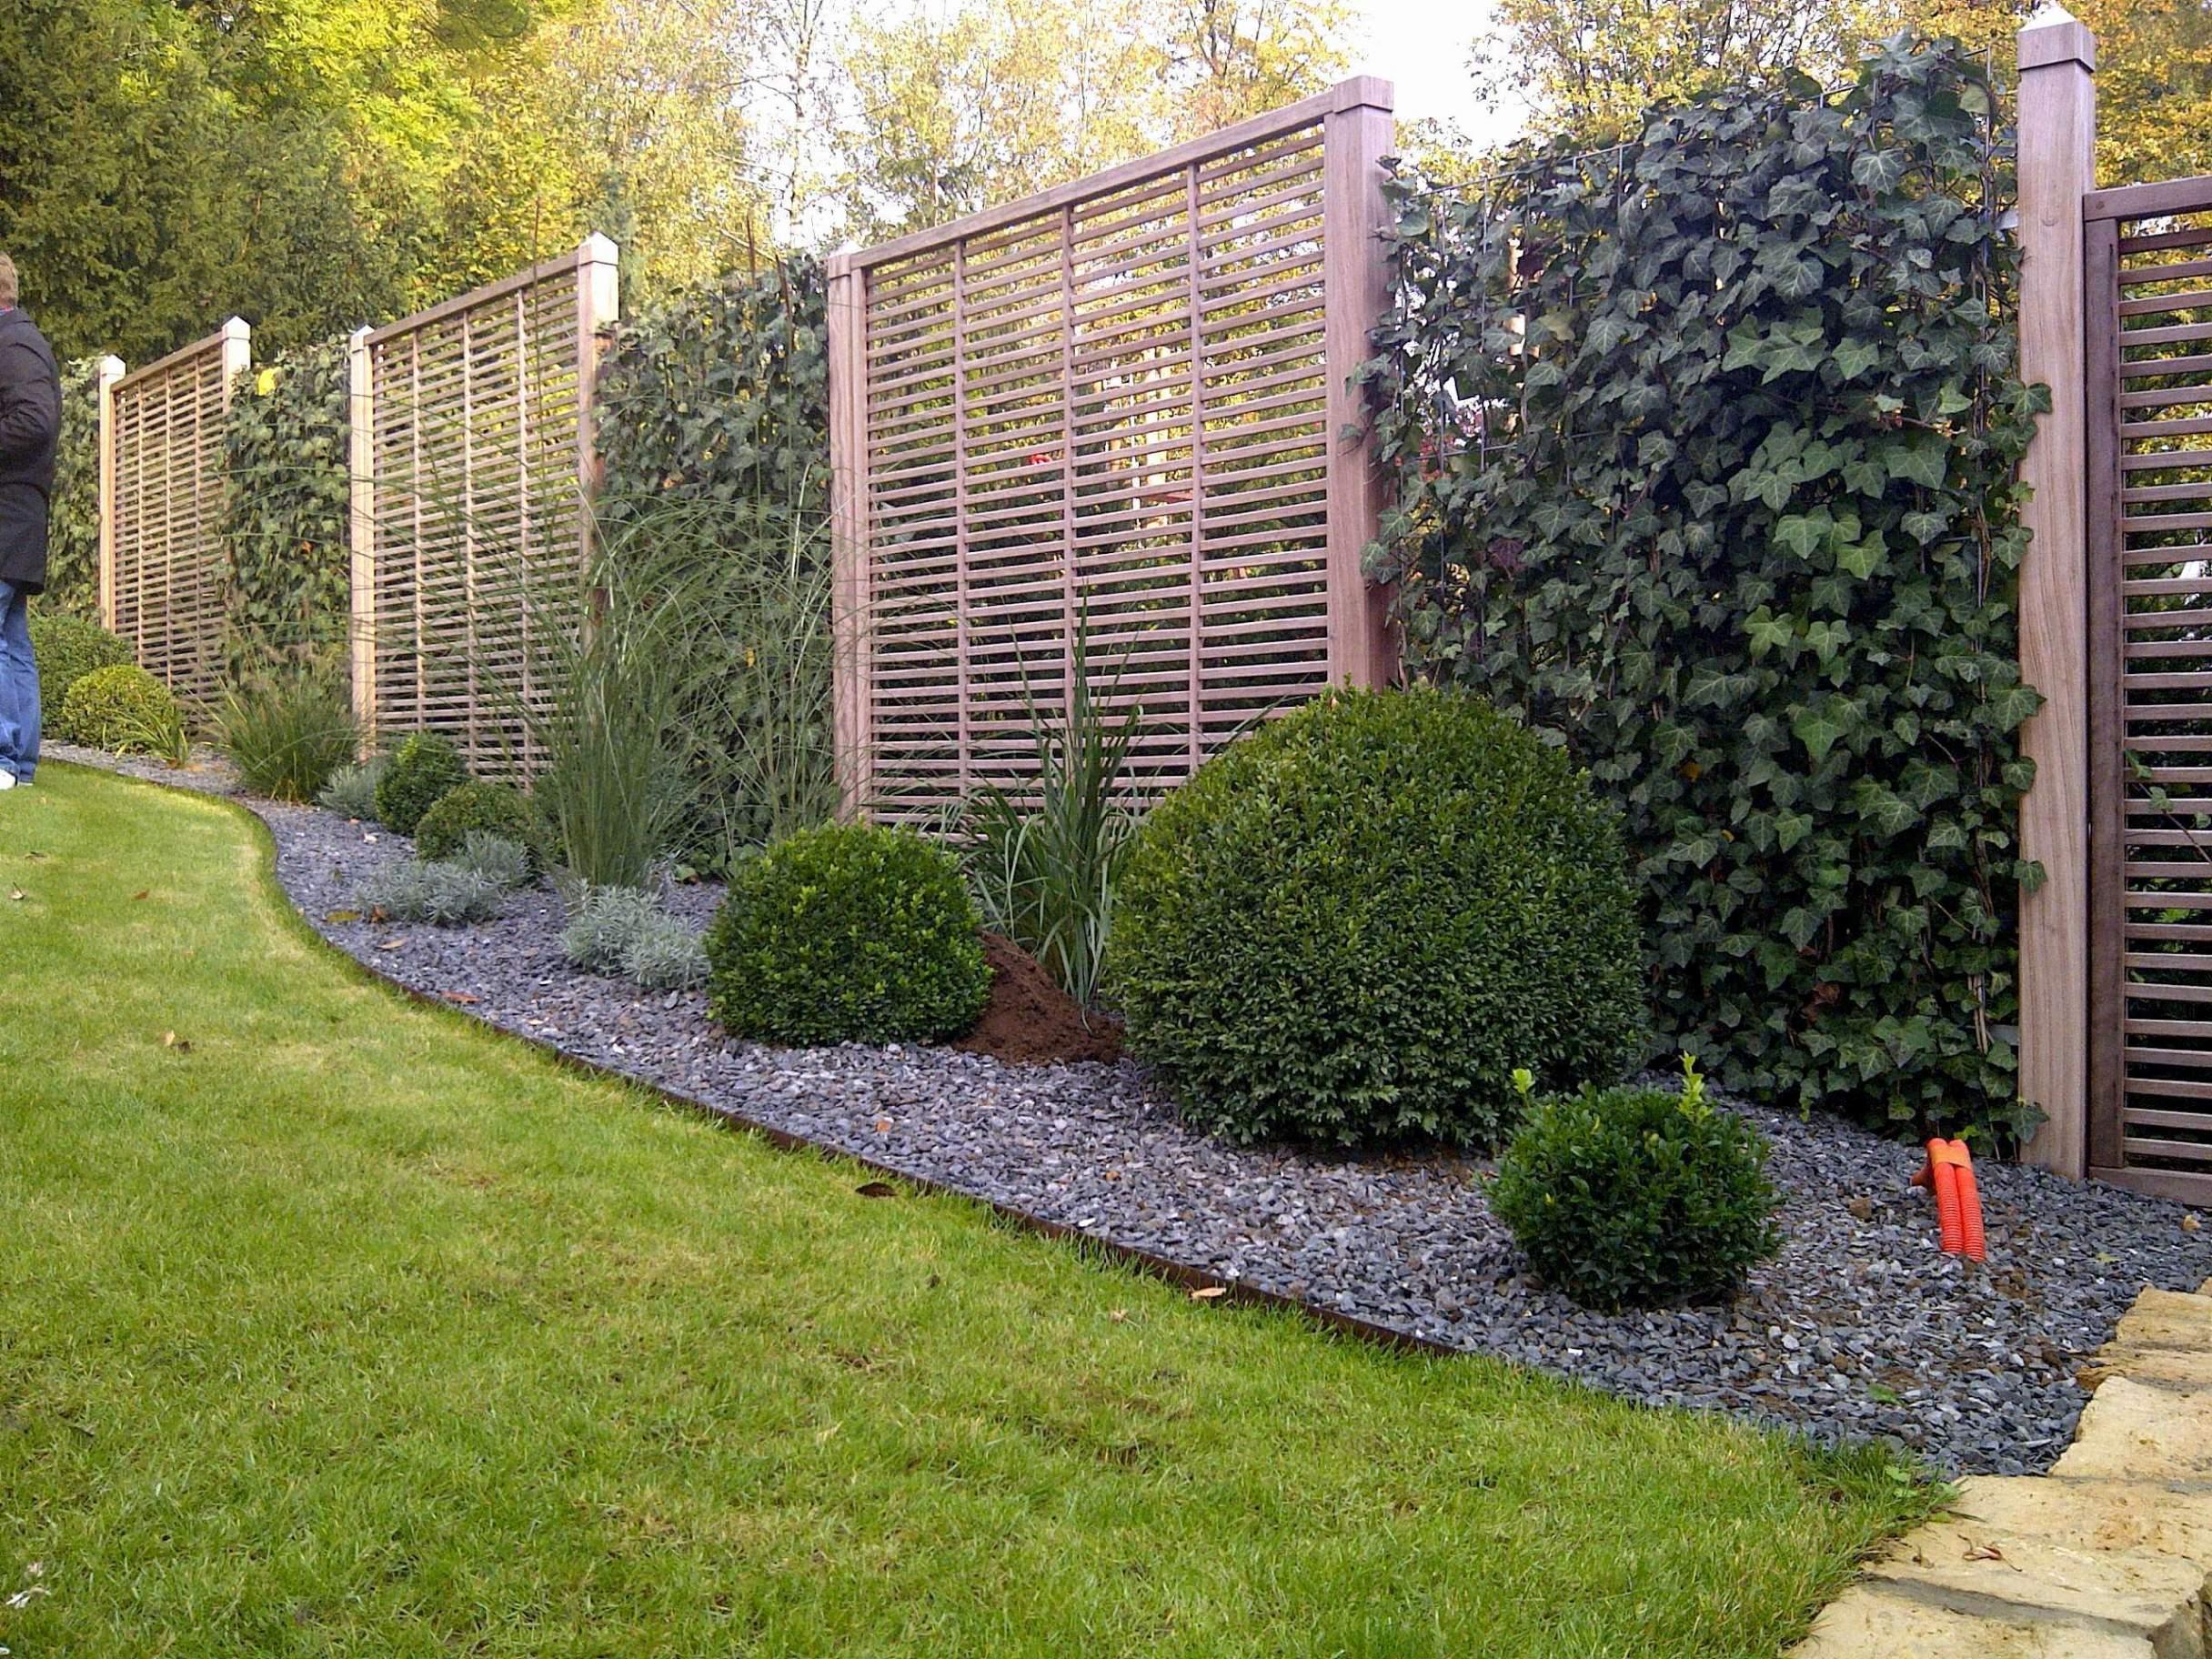 45 elegant pflanzen garten pic pflanzen garten sichtschutz pflanzen garten sichtschutz